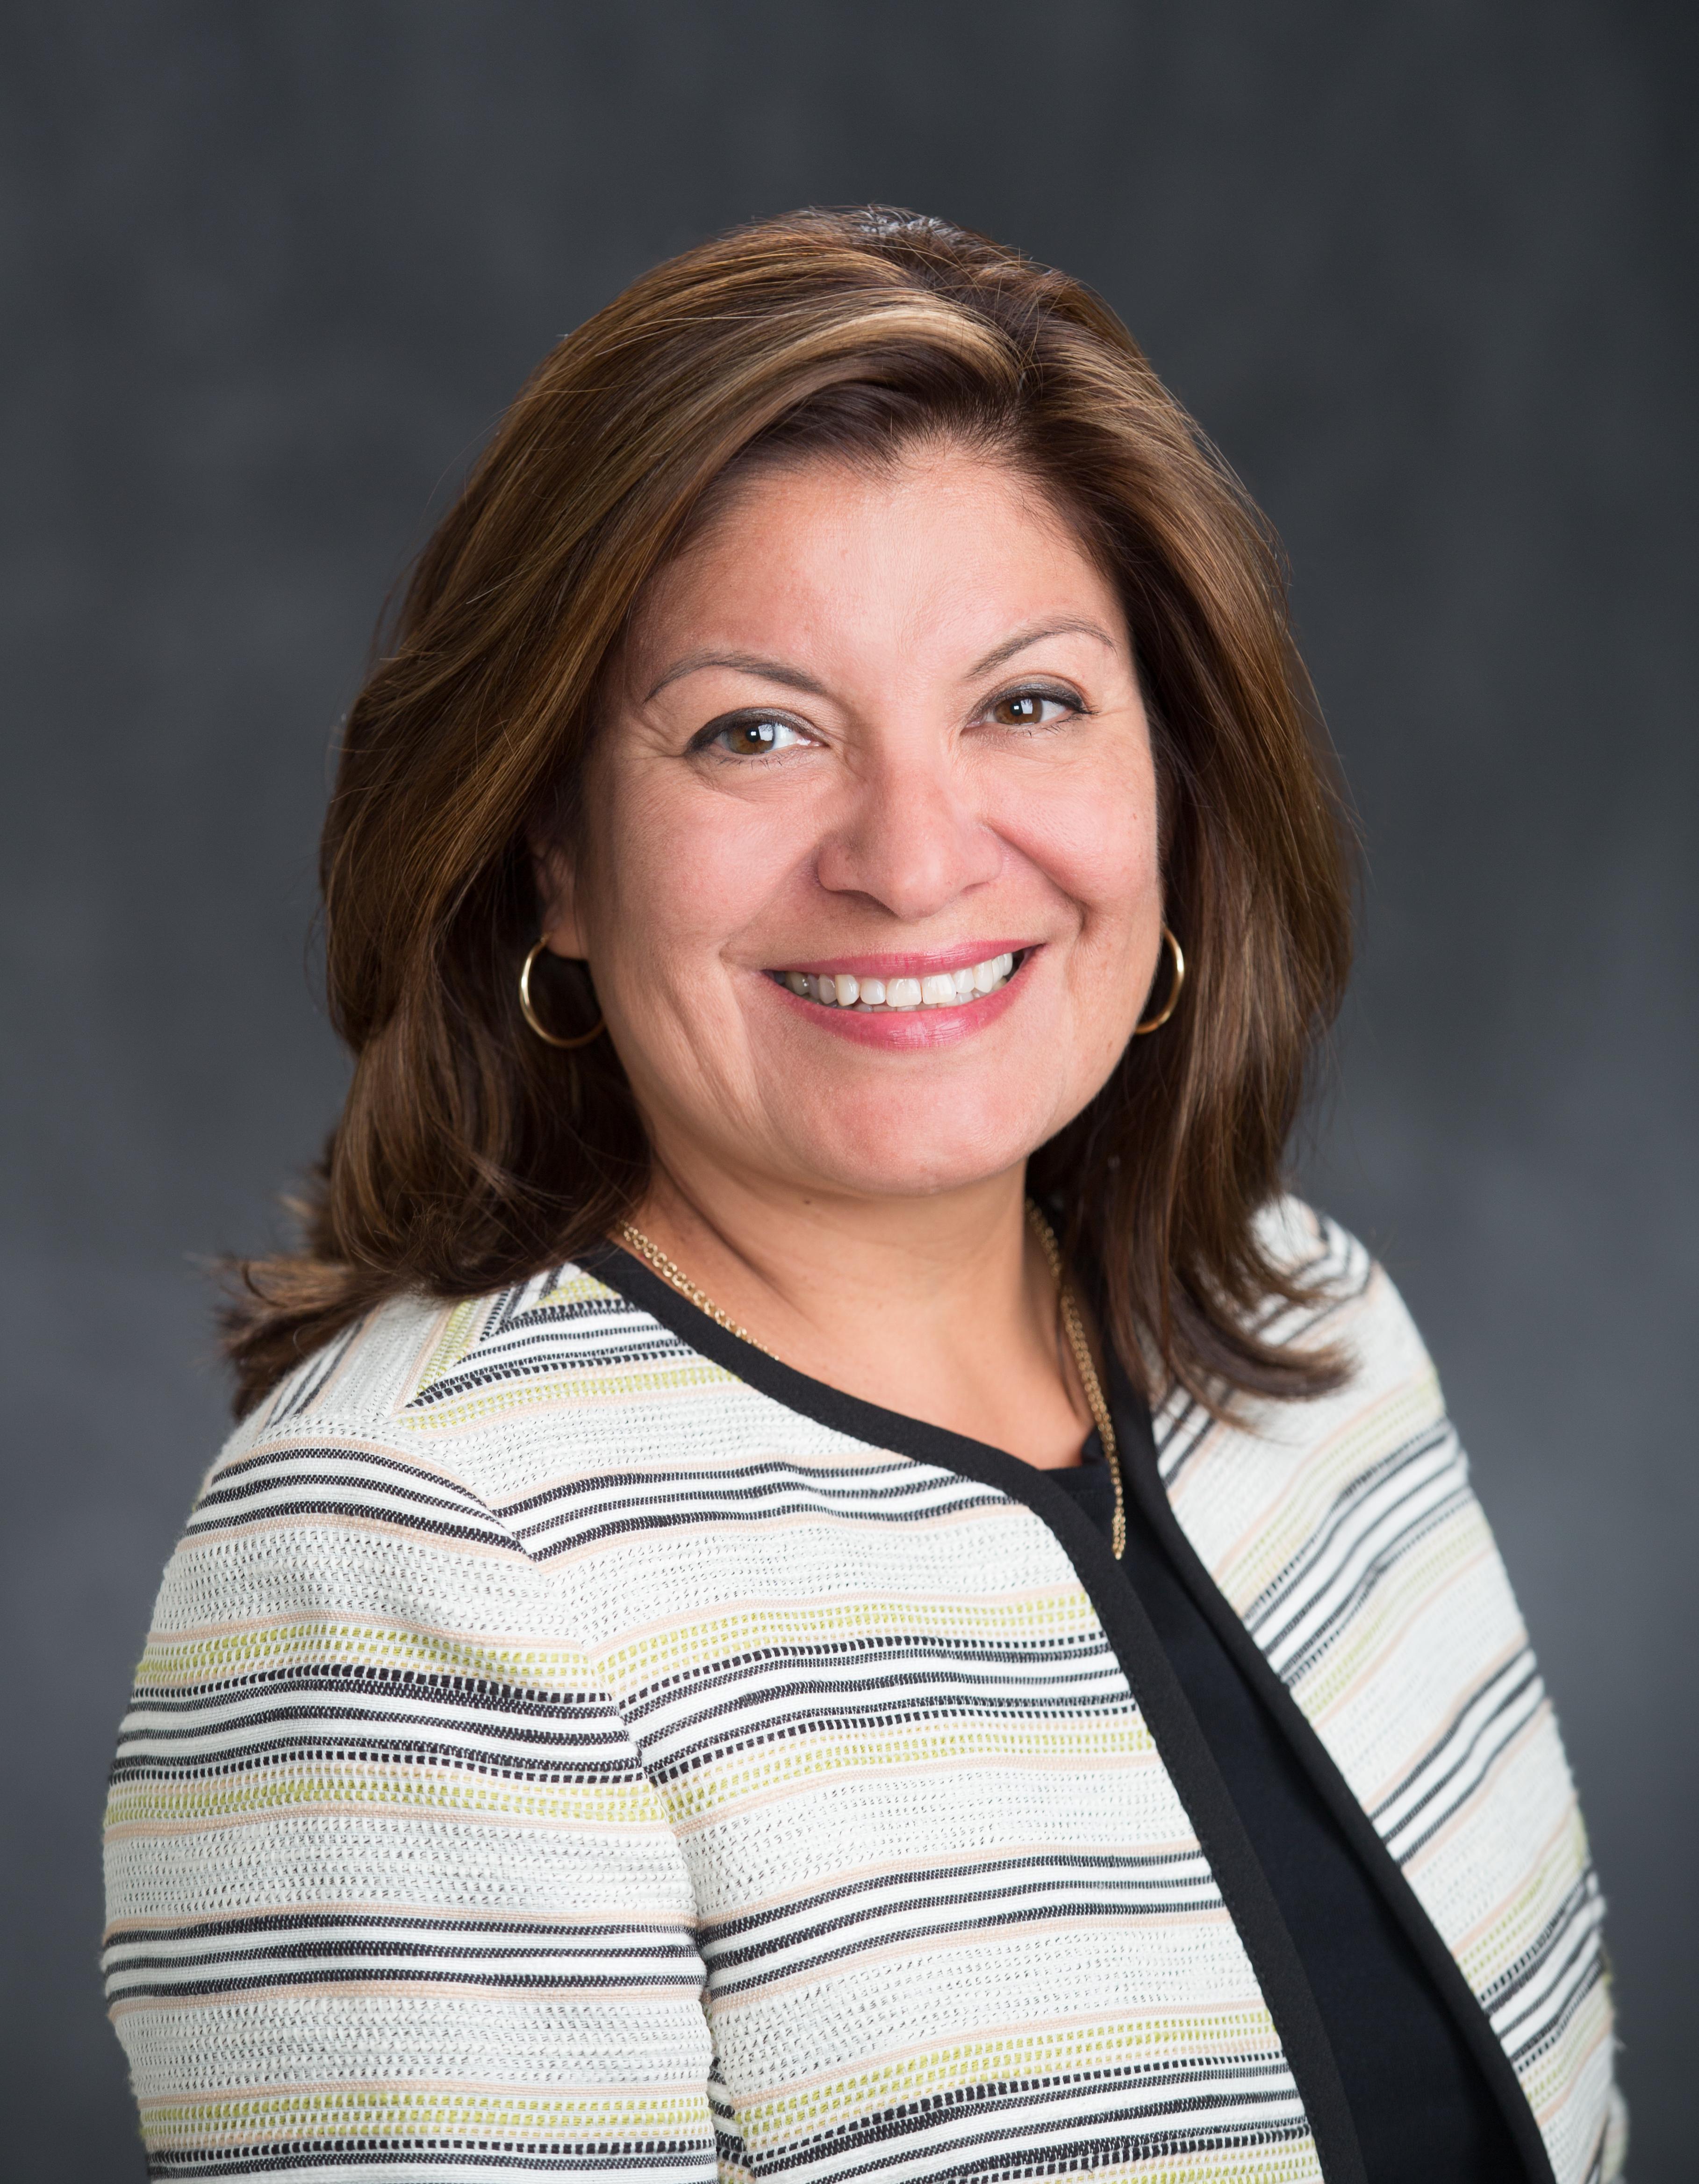 Rebecca Trevino